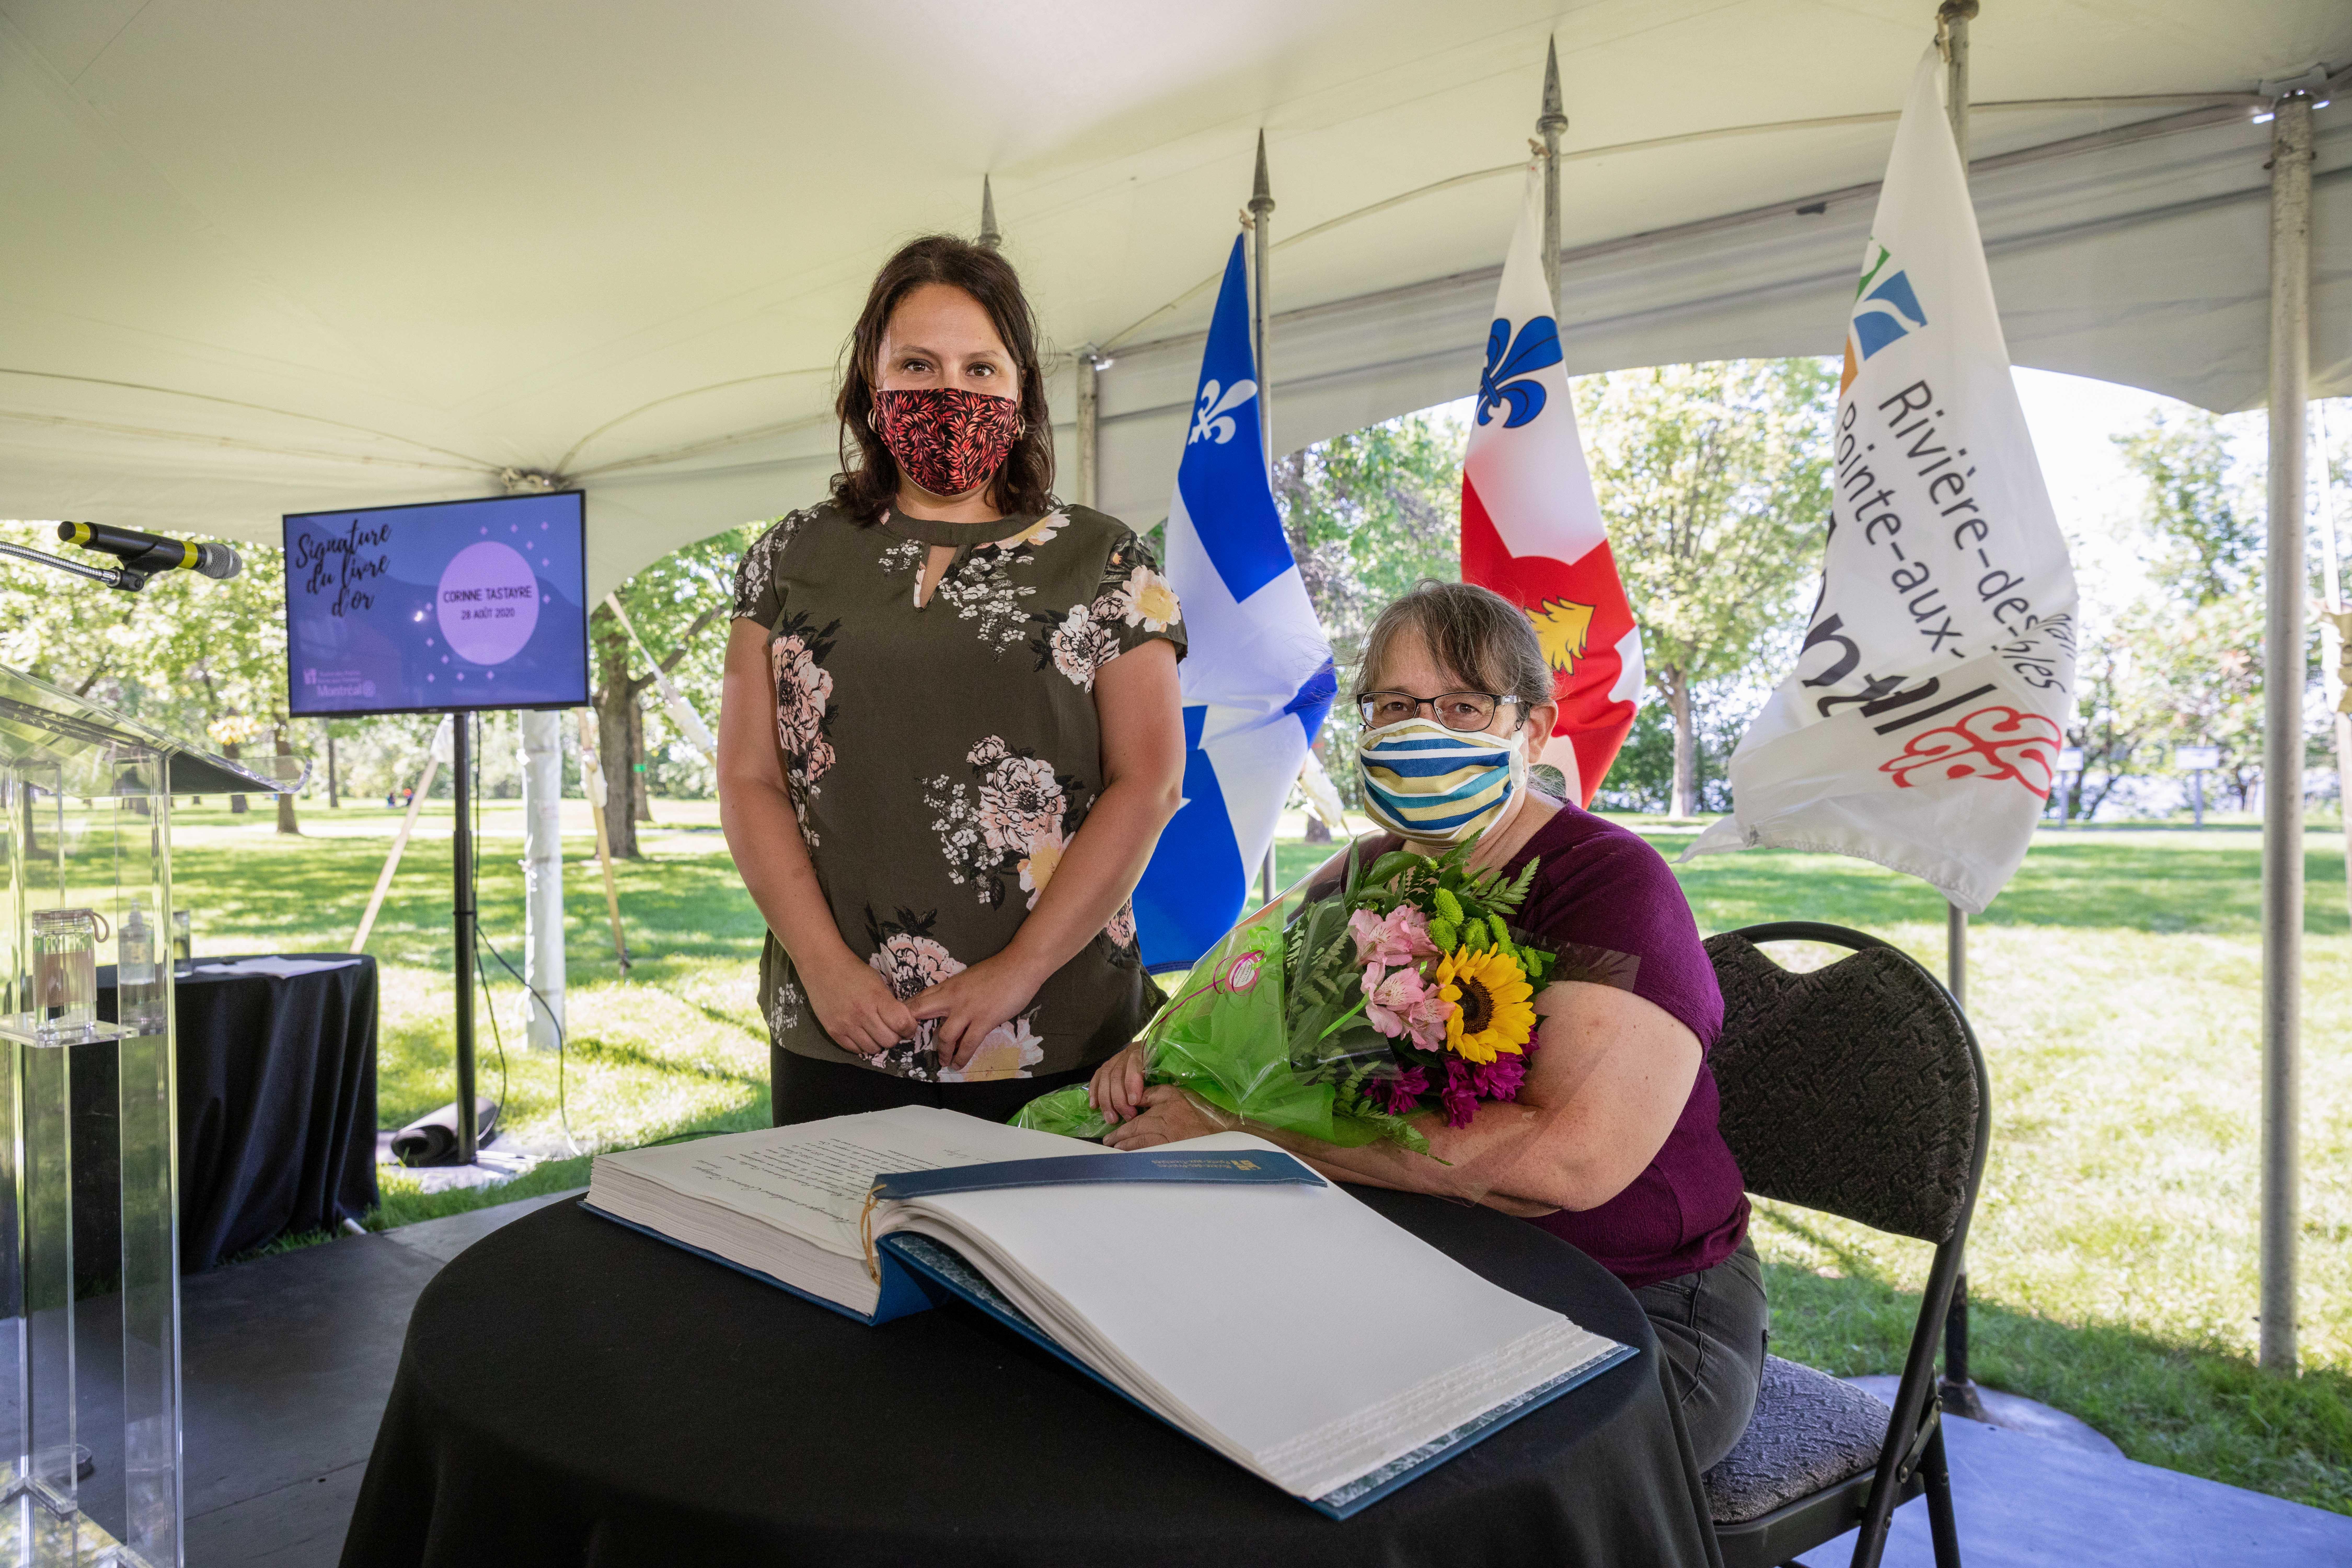 Deux femmes dont une qui signe un livre